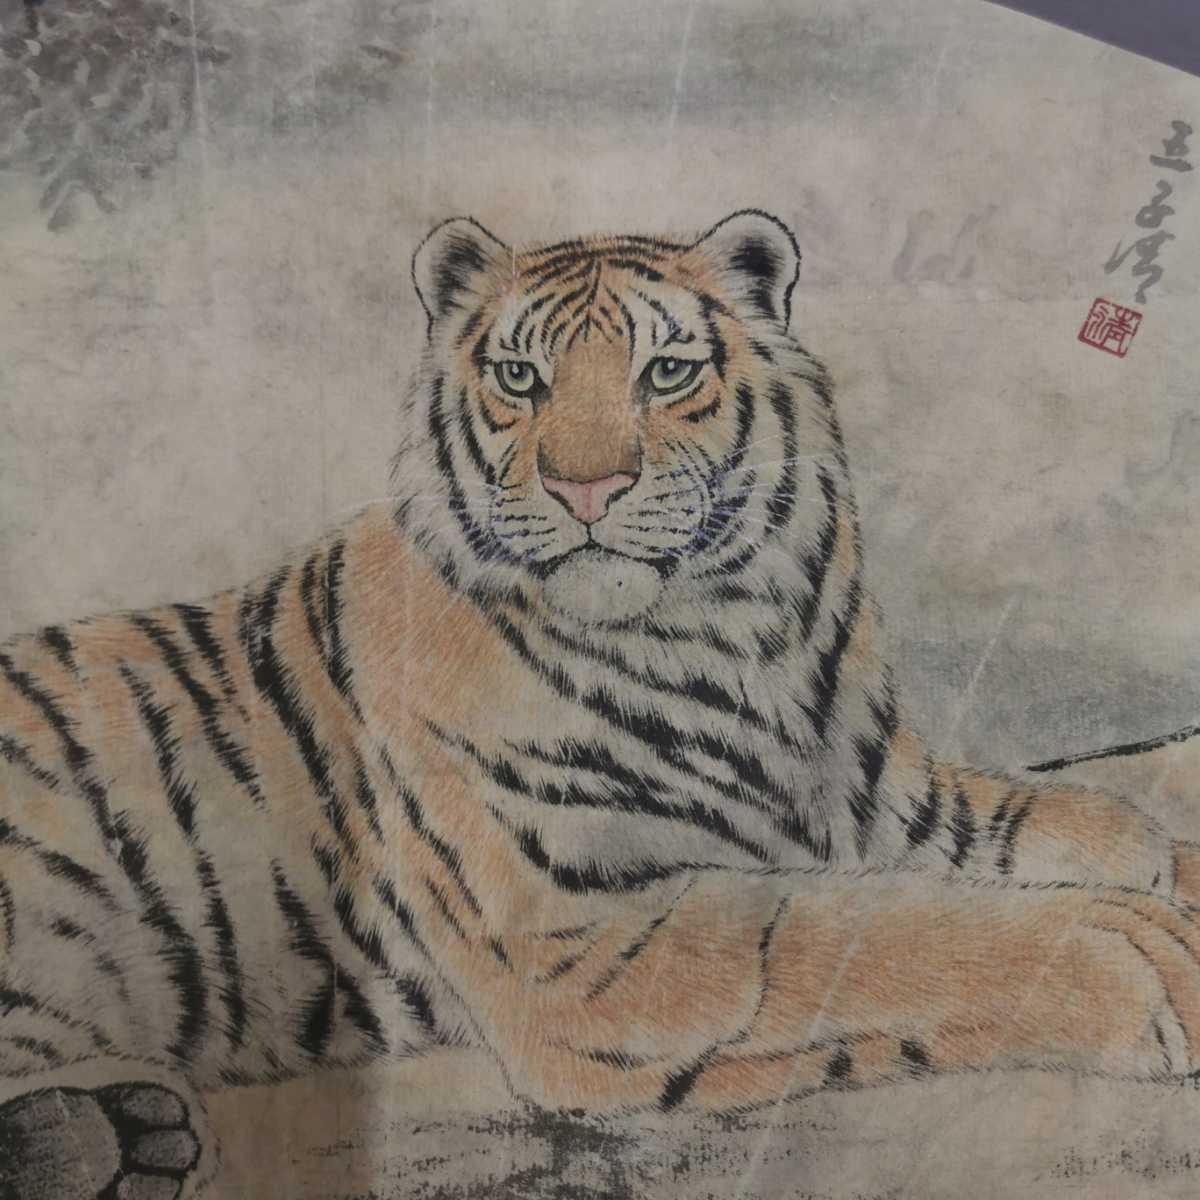 中国美術 扇面 掛軸 虎図 紙本 肉筆保証 掛け軸 時代物 在銘 中国古美術 唐物000307_画像2